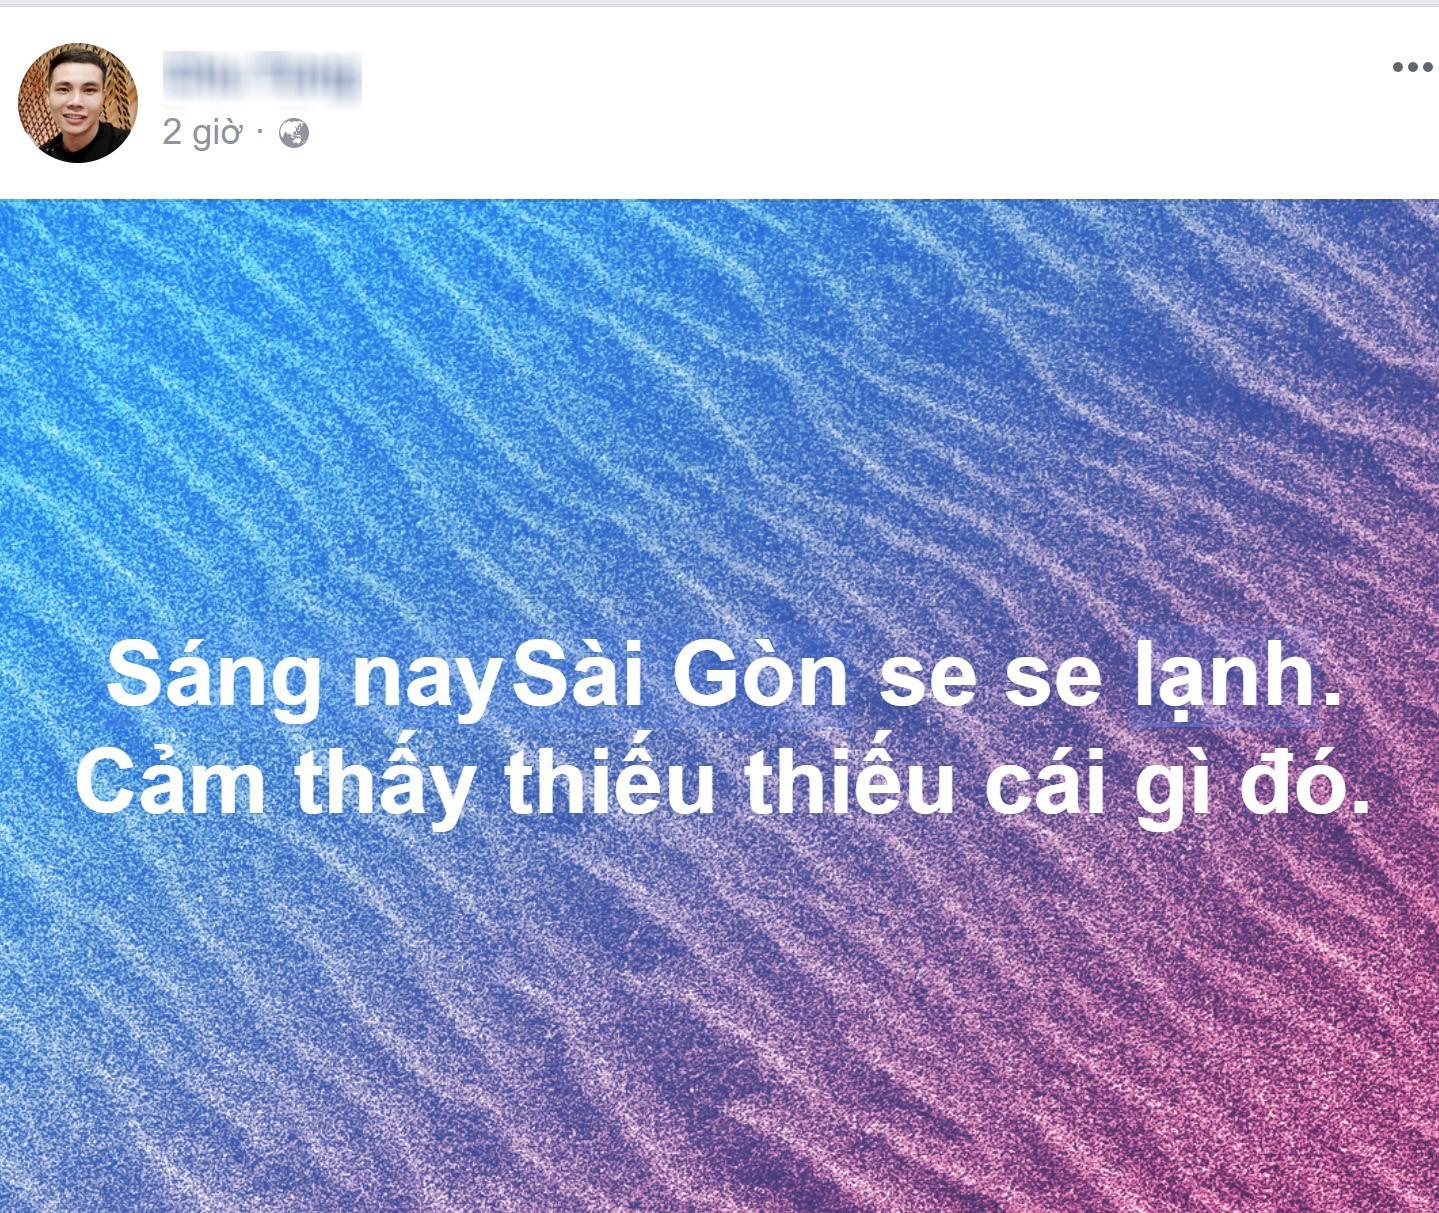 Sáng ngày ra, Facebook rồi Instagram tràn ngập status khoe Sài Gòn trở lạnh! - Ảnh 10.